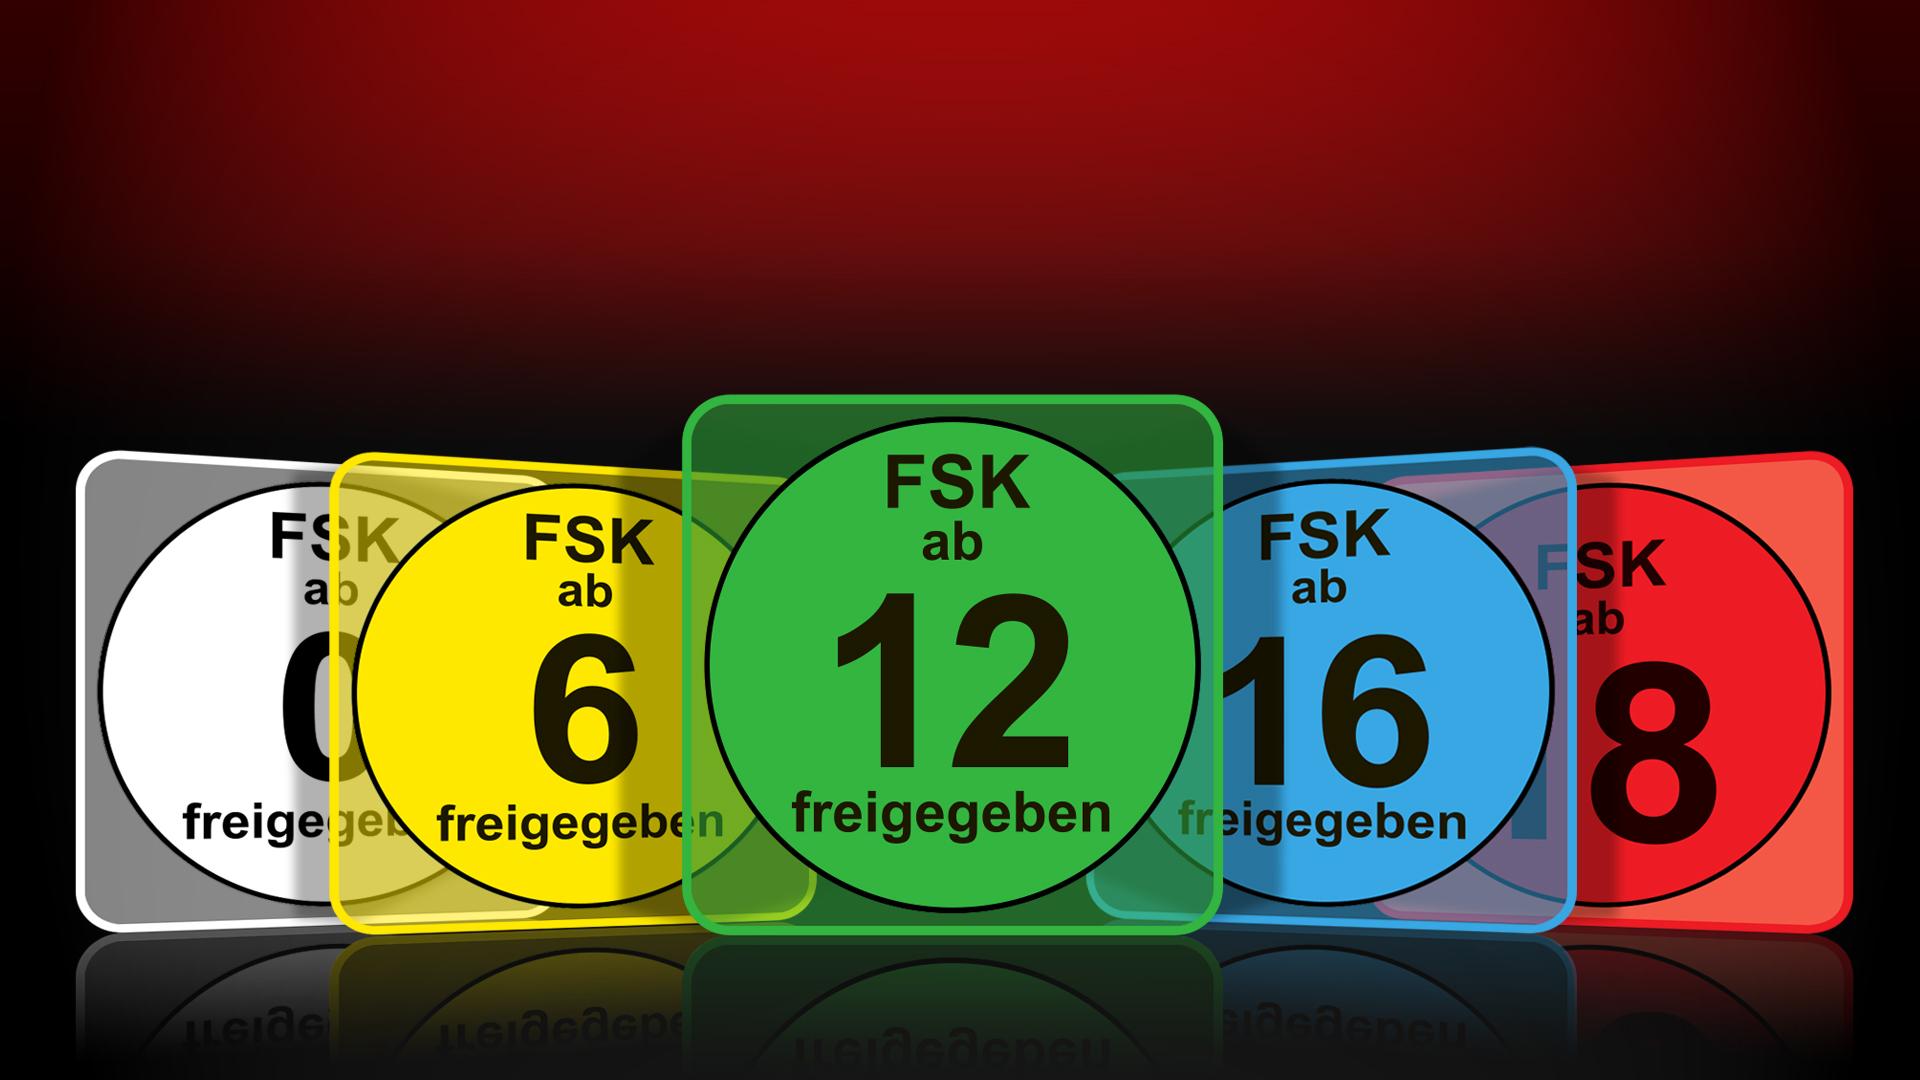 FSK-Kennzeichen    Grafik für die FSK-Startseite